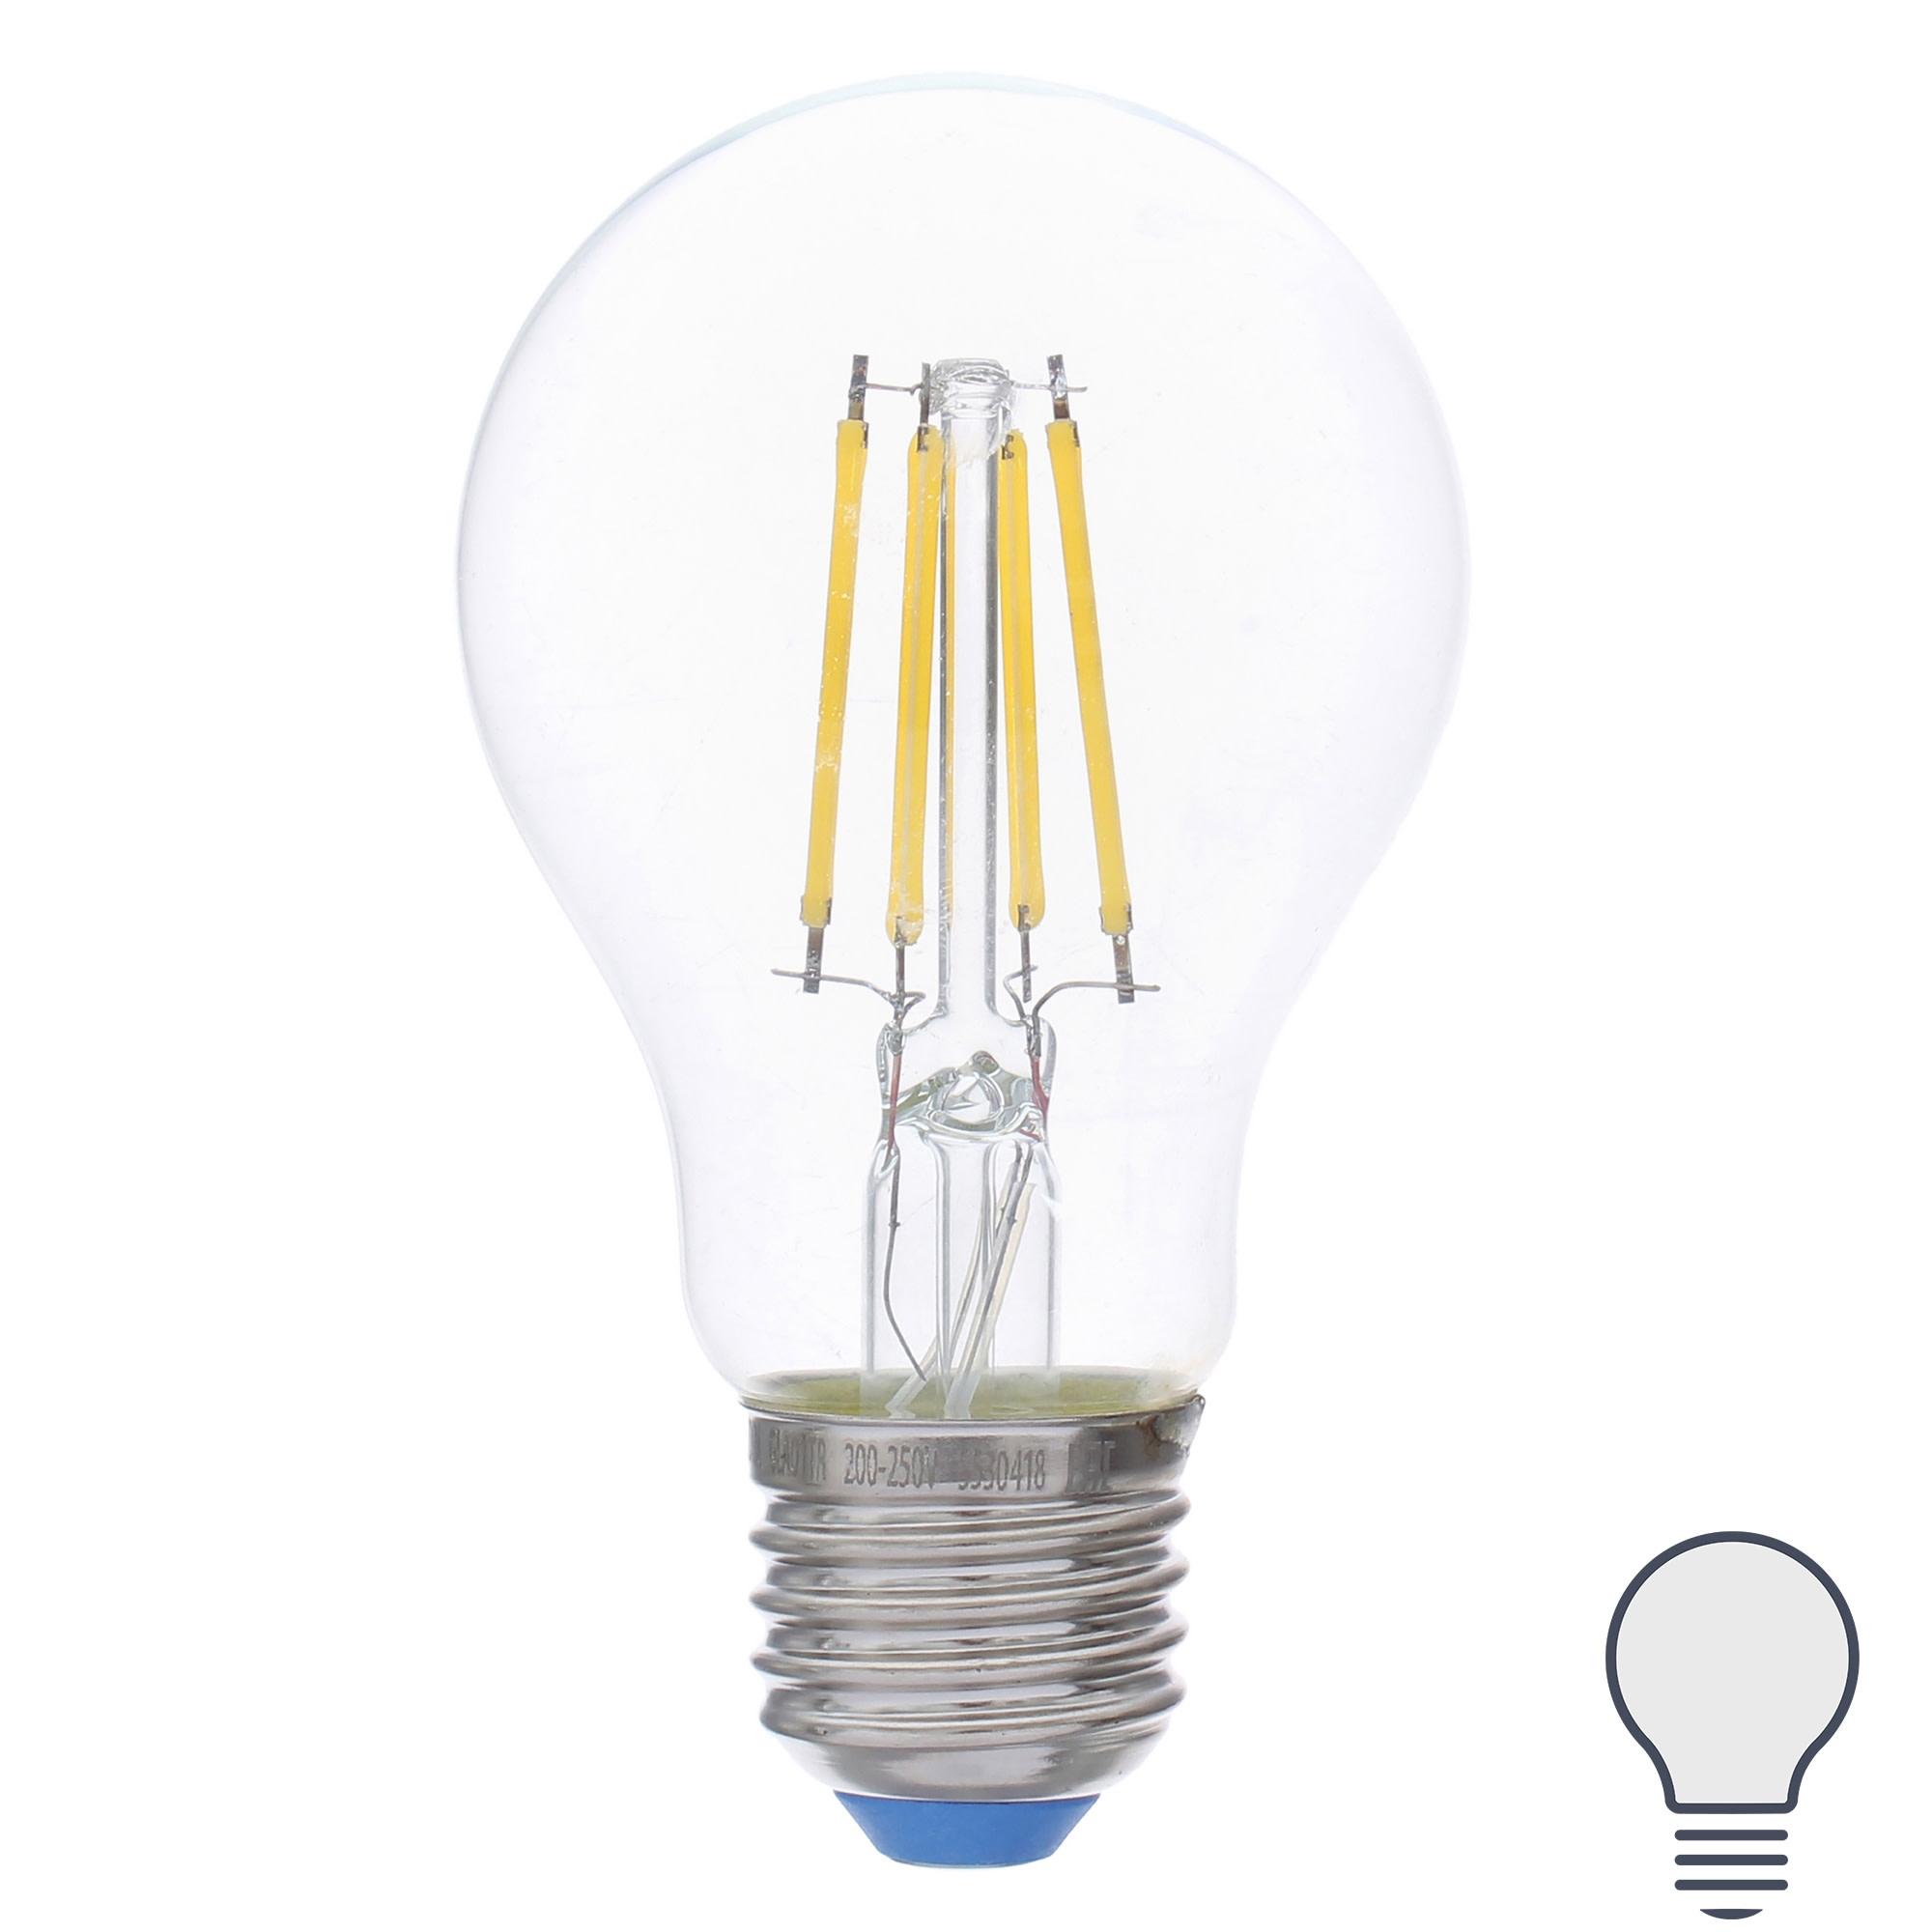 Лампа светодиодная филаментная Airdim форма стандартная E27 7 Вт 700 Лм свет холодный